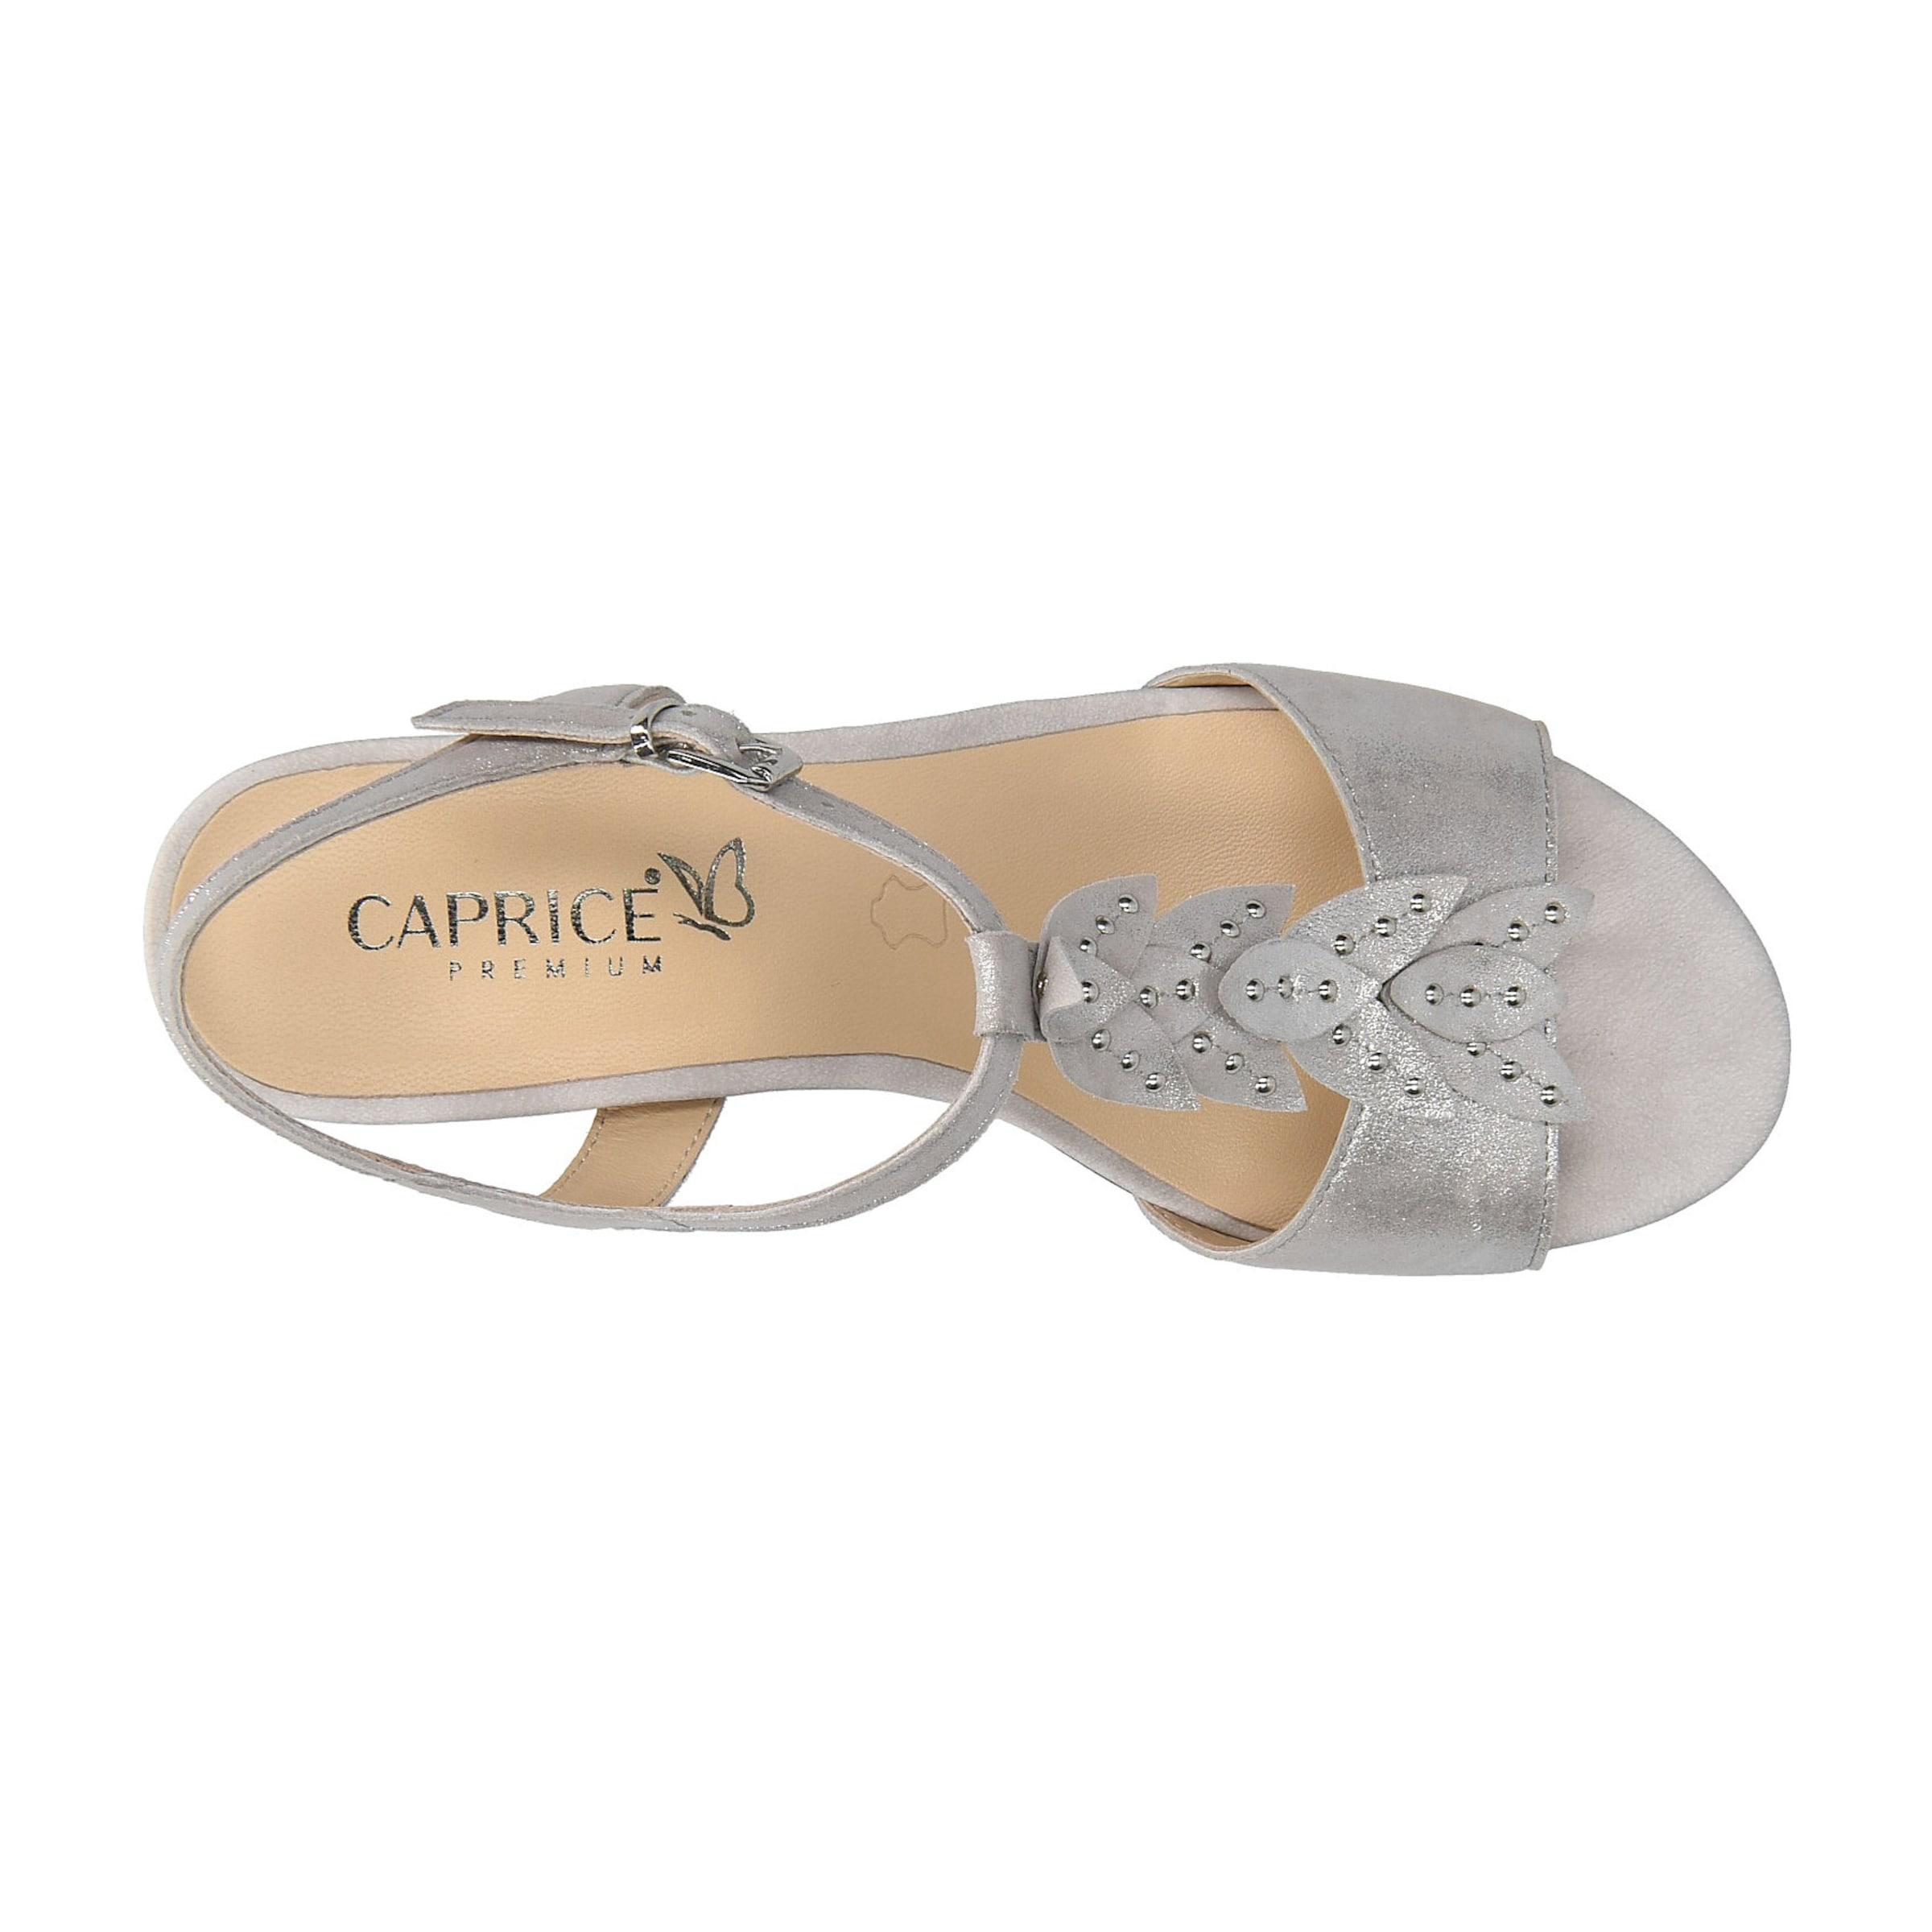 Sandaletten In In Silber In In Silber Caprice Caprice Sandaletten Silber Sandaletten Caprice Sandaletten Caprice rBeWQdCxo